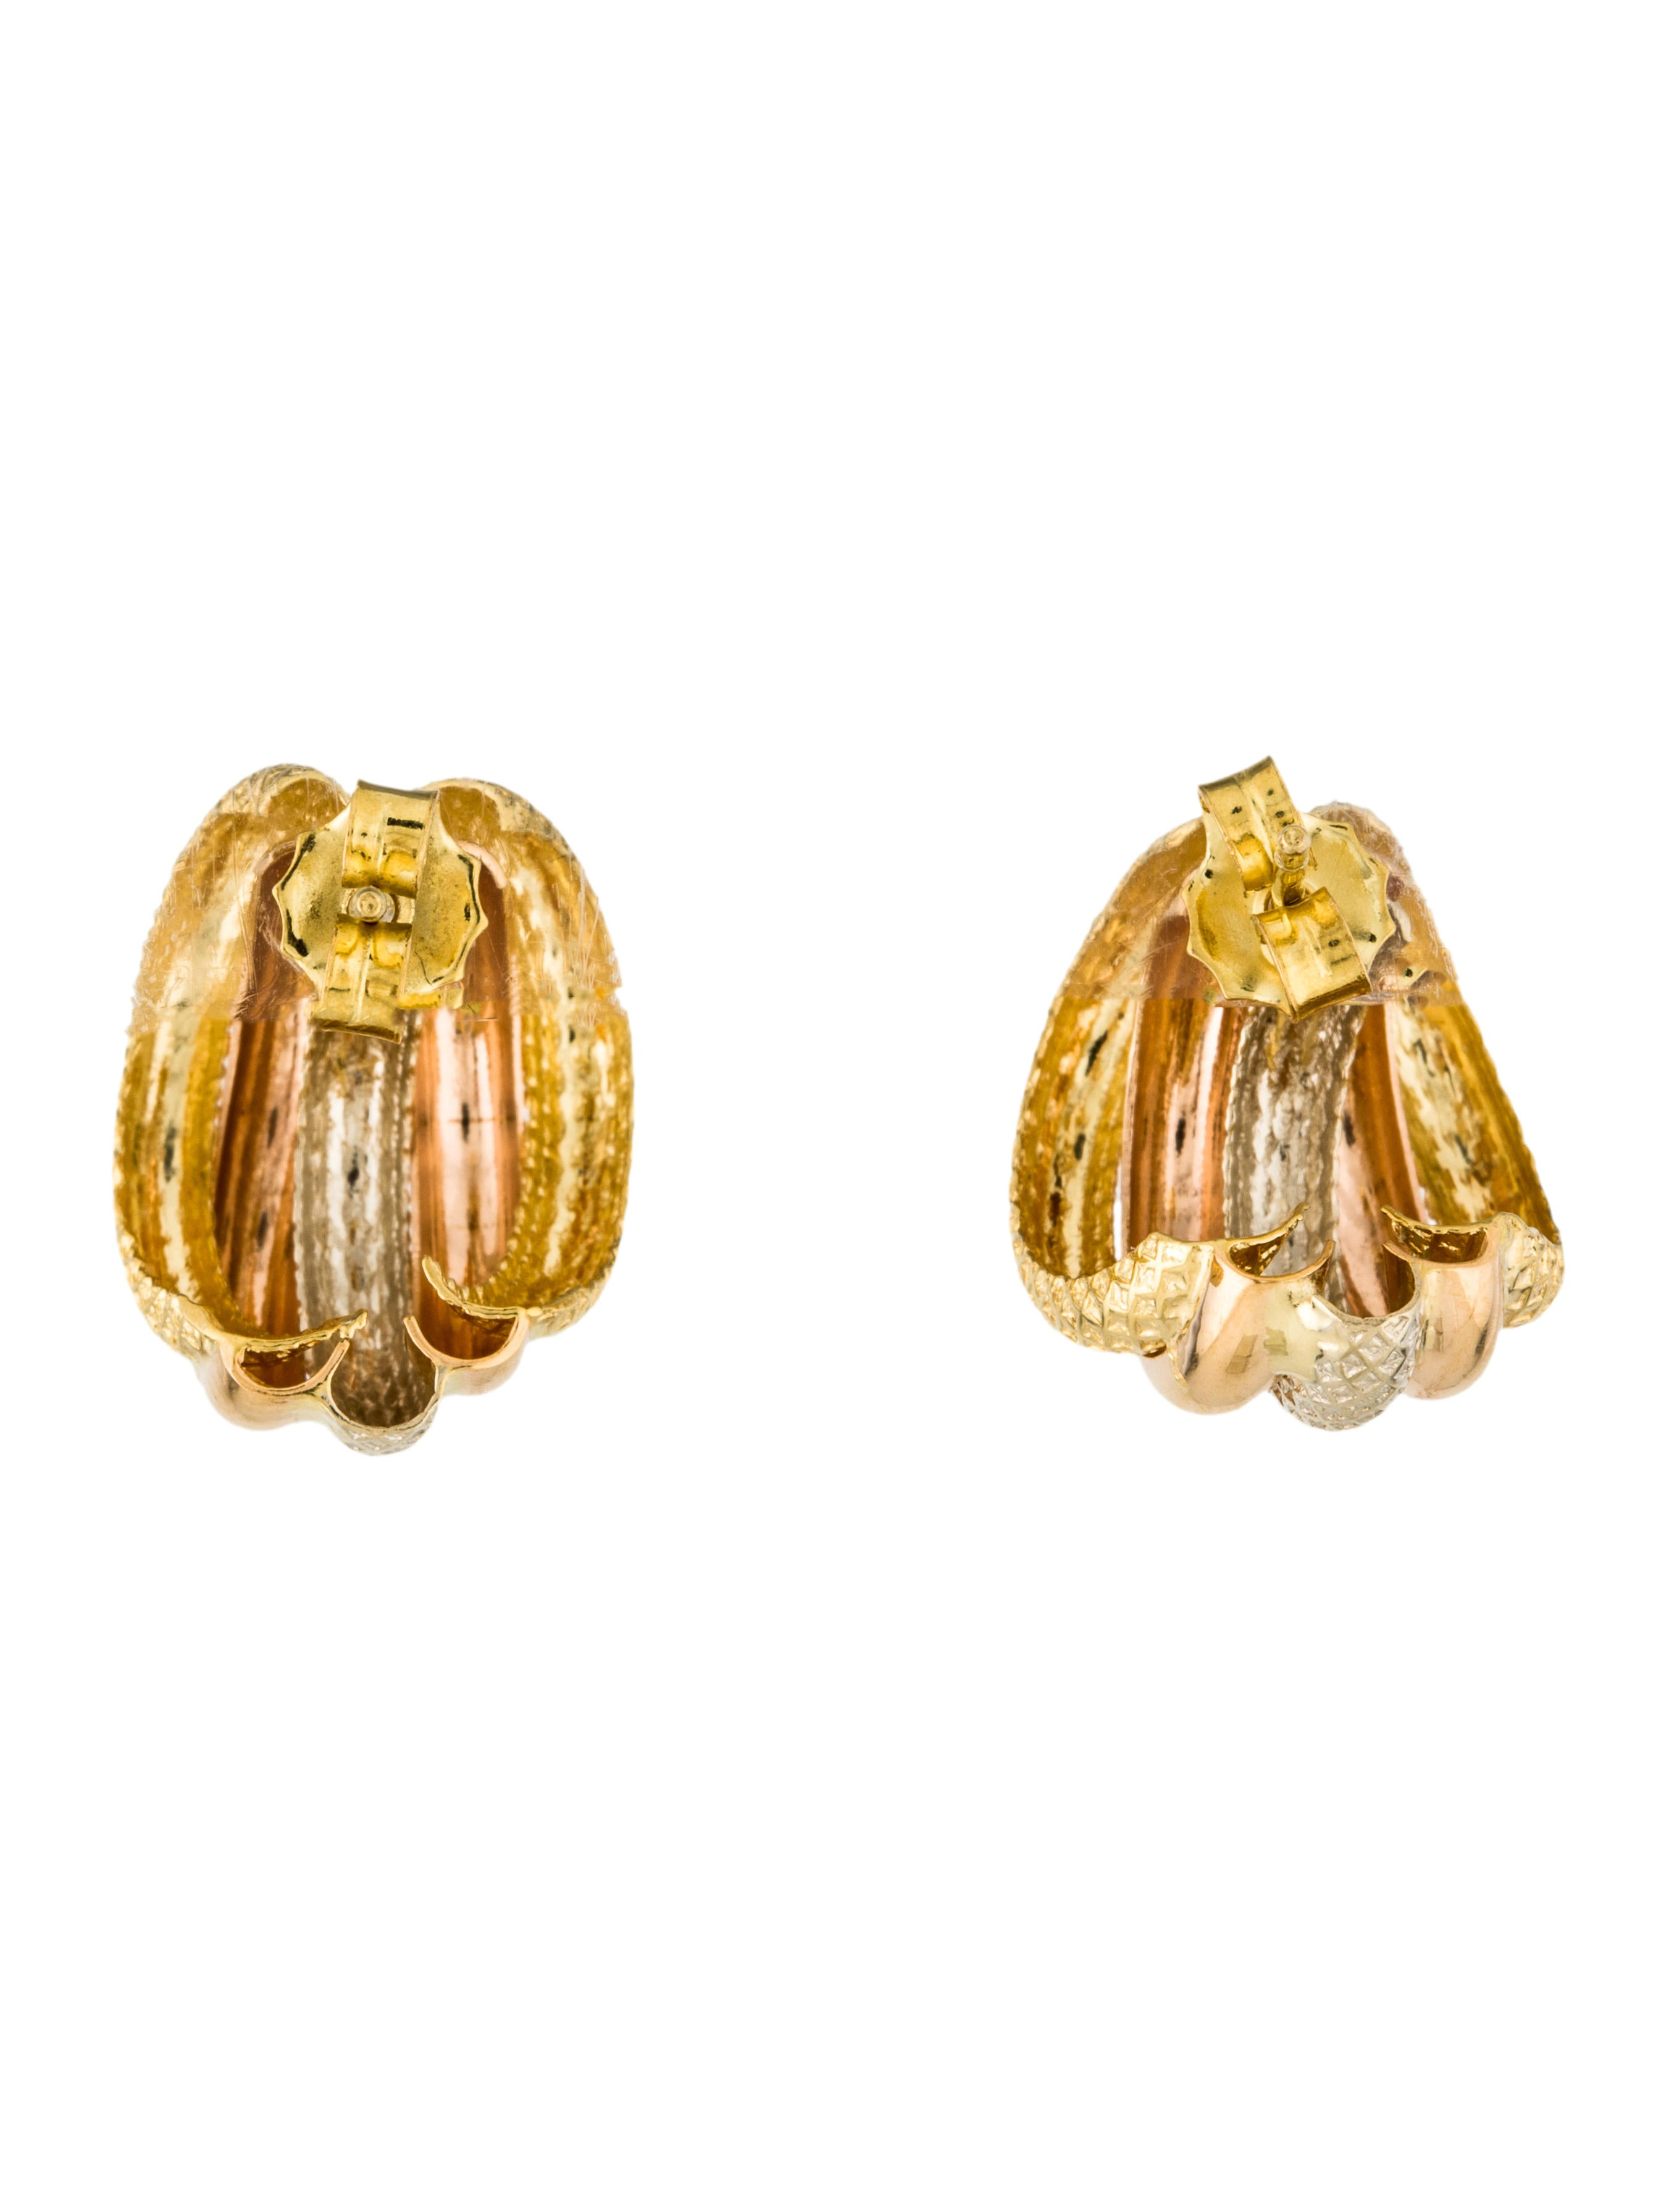 18k huggie earrings earrings earri37062 the realreal